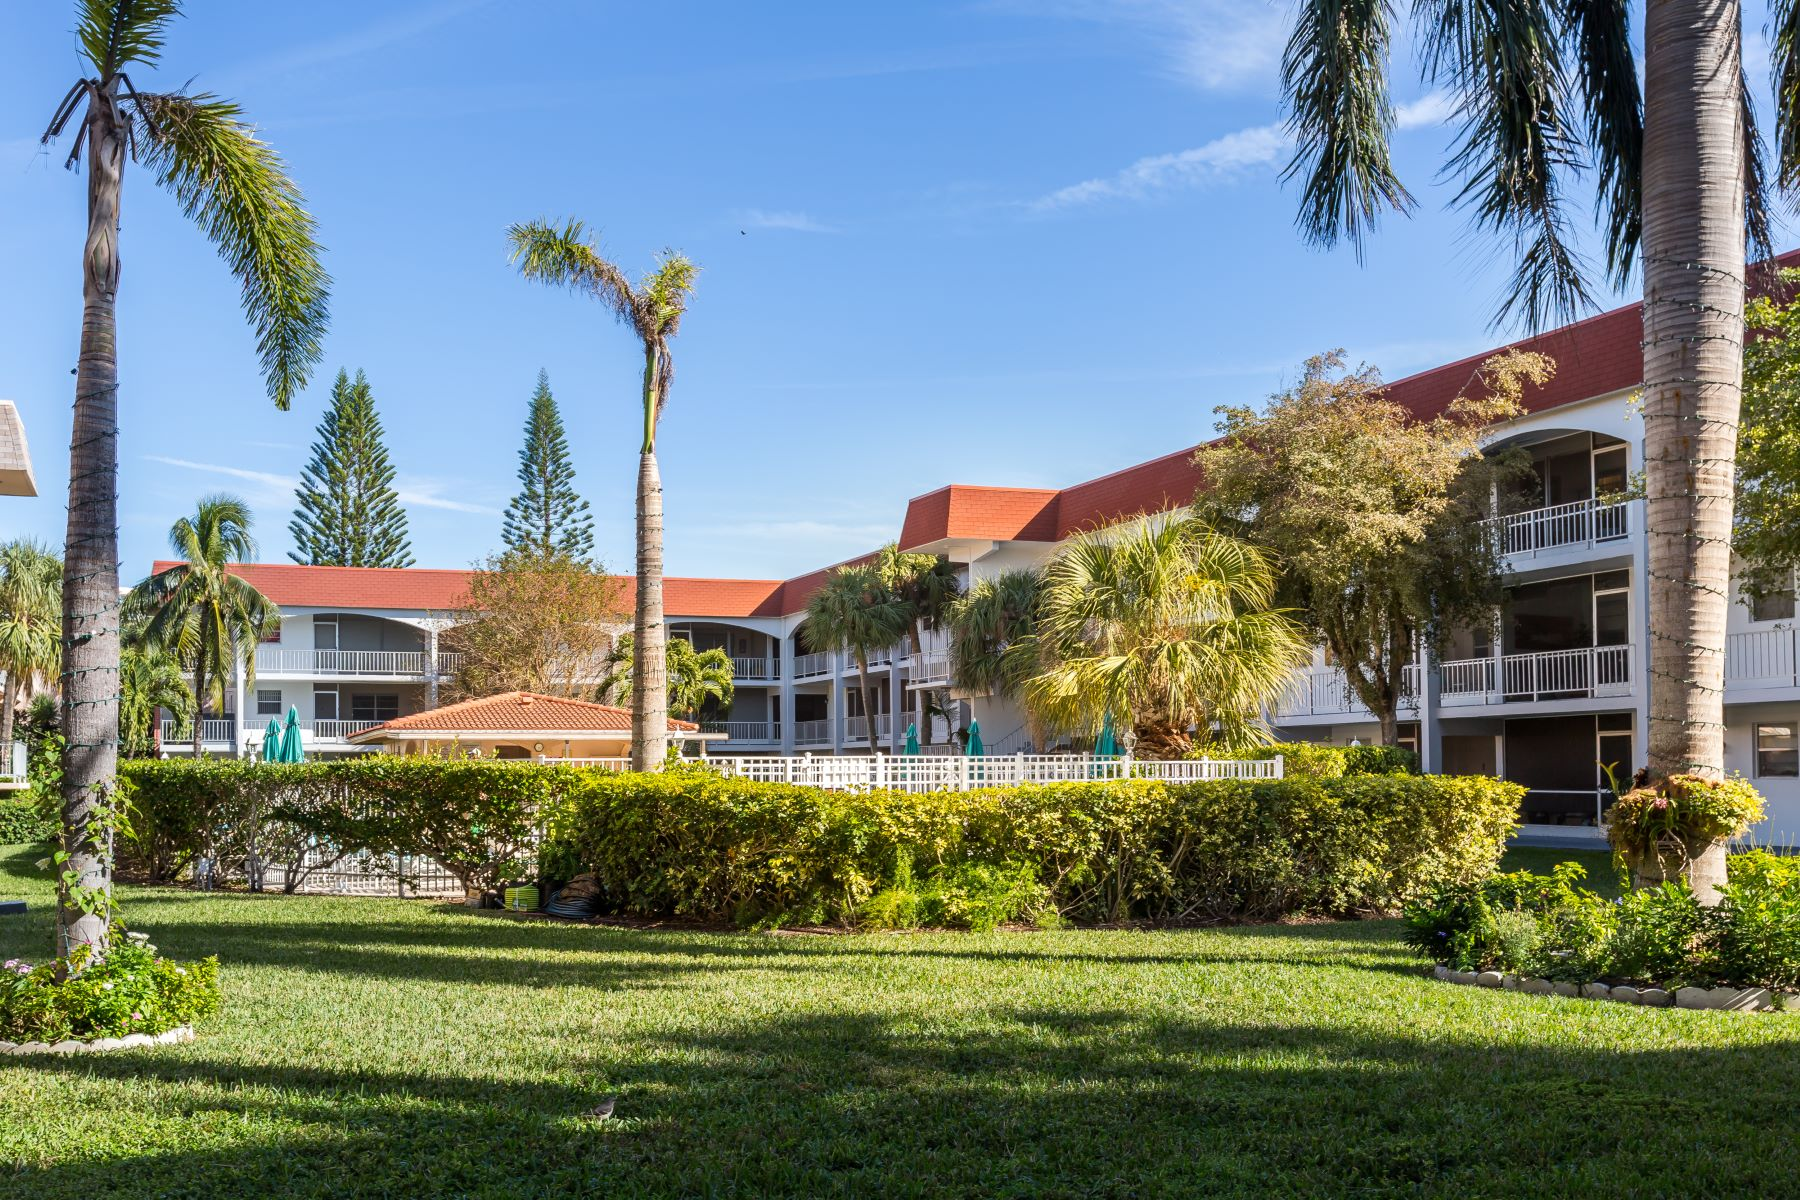 Casa para uma família para Venda às 581 Blue Heron Dr 581 Blue Heron Dr 106, Hallandale, Florida, 33009 Estados Unidos